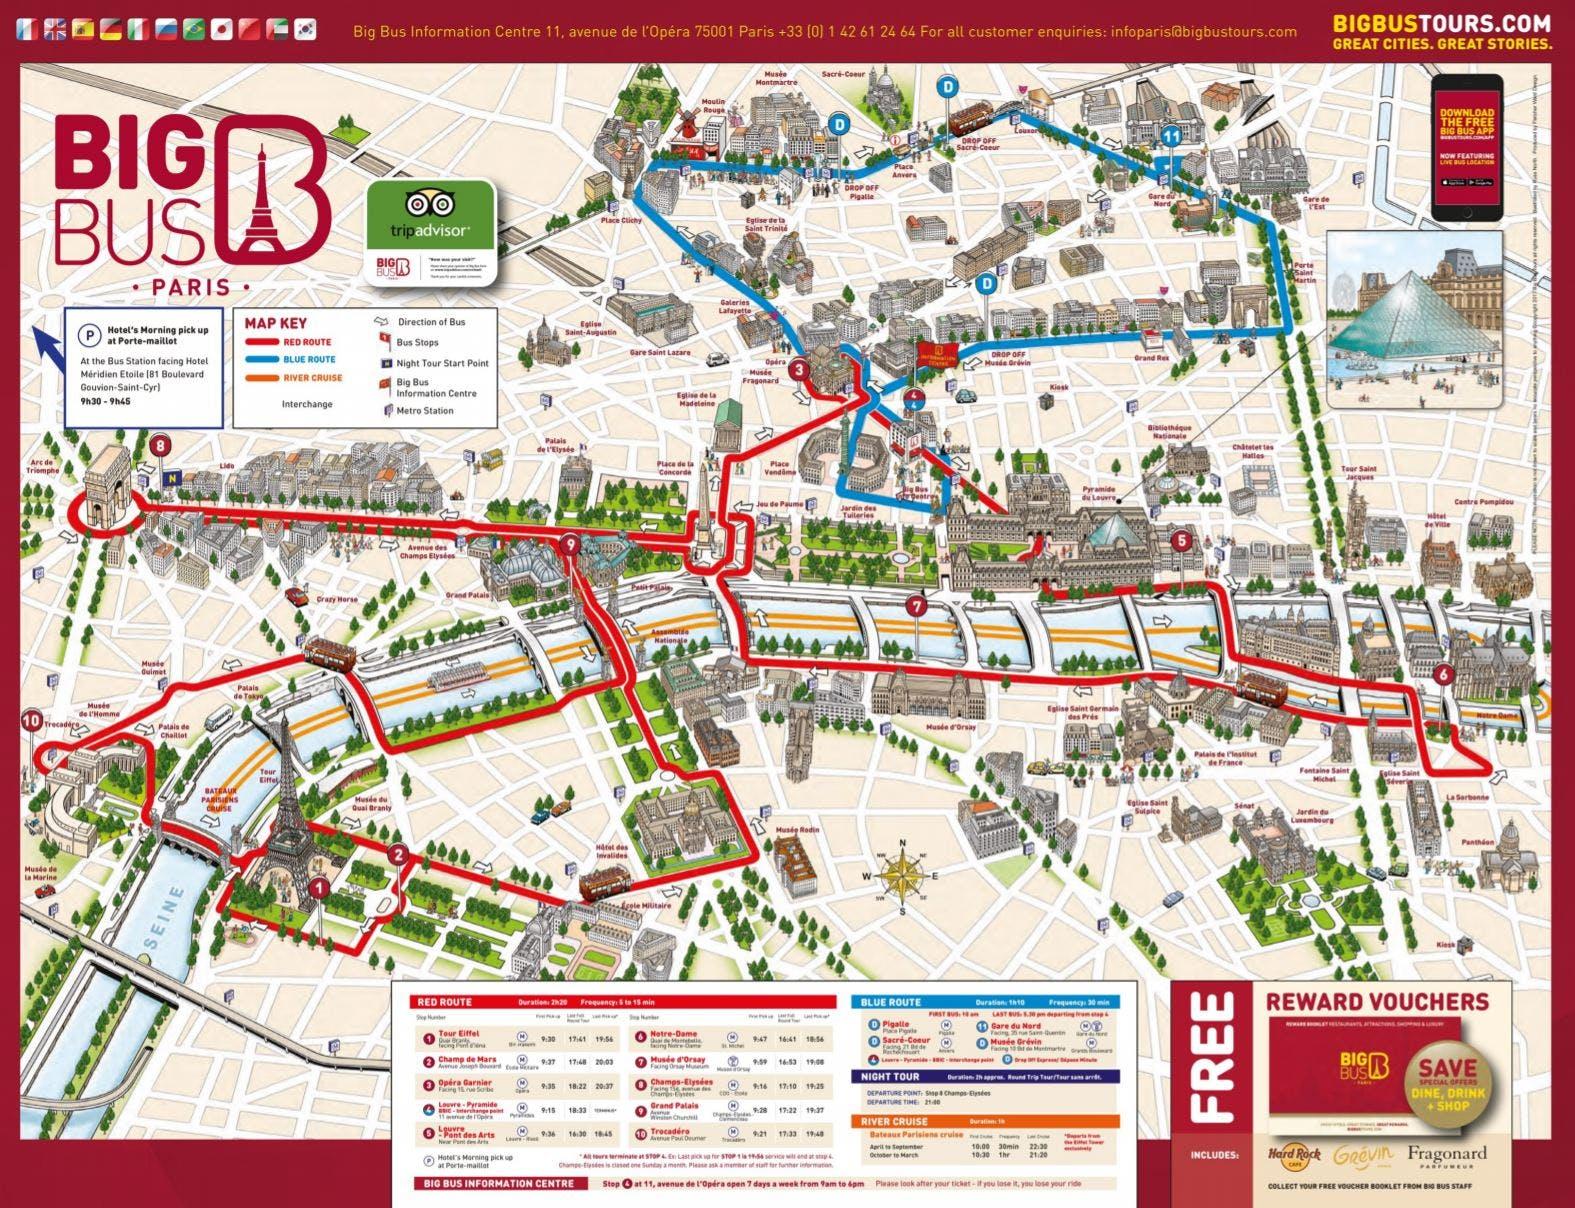 Lopen Tour Paris Map.Big Bus 1 Day Pass And Versailles Audioguide Paris Timings Entry